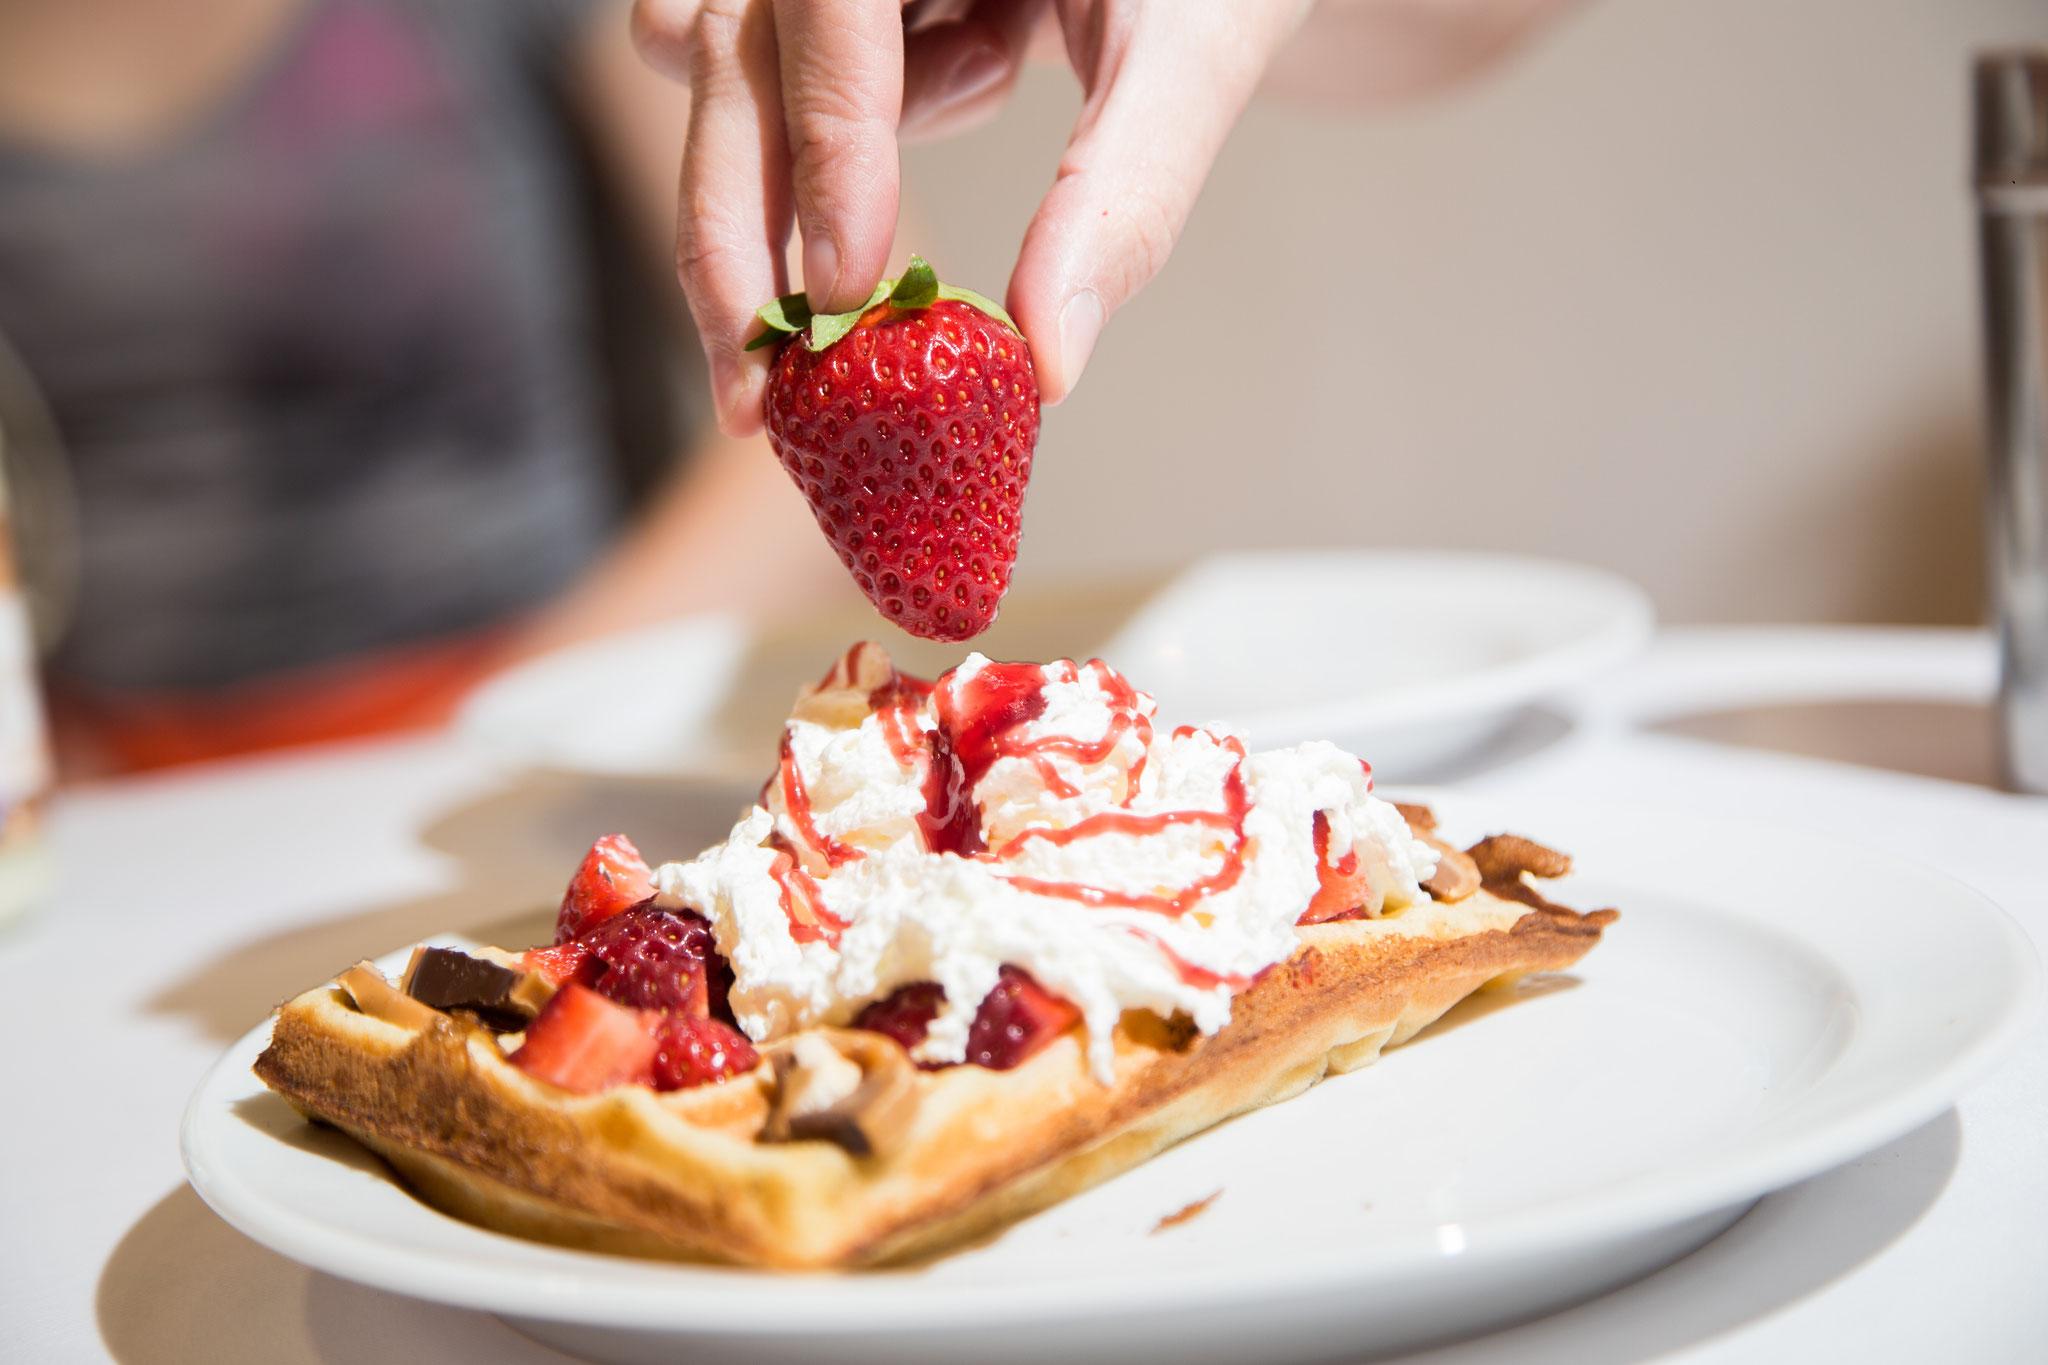 Leckere Waffel mit frischen Erdbeeren